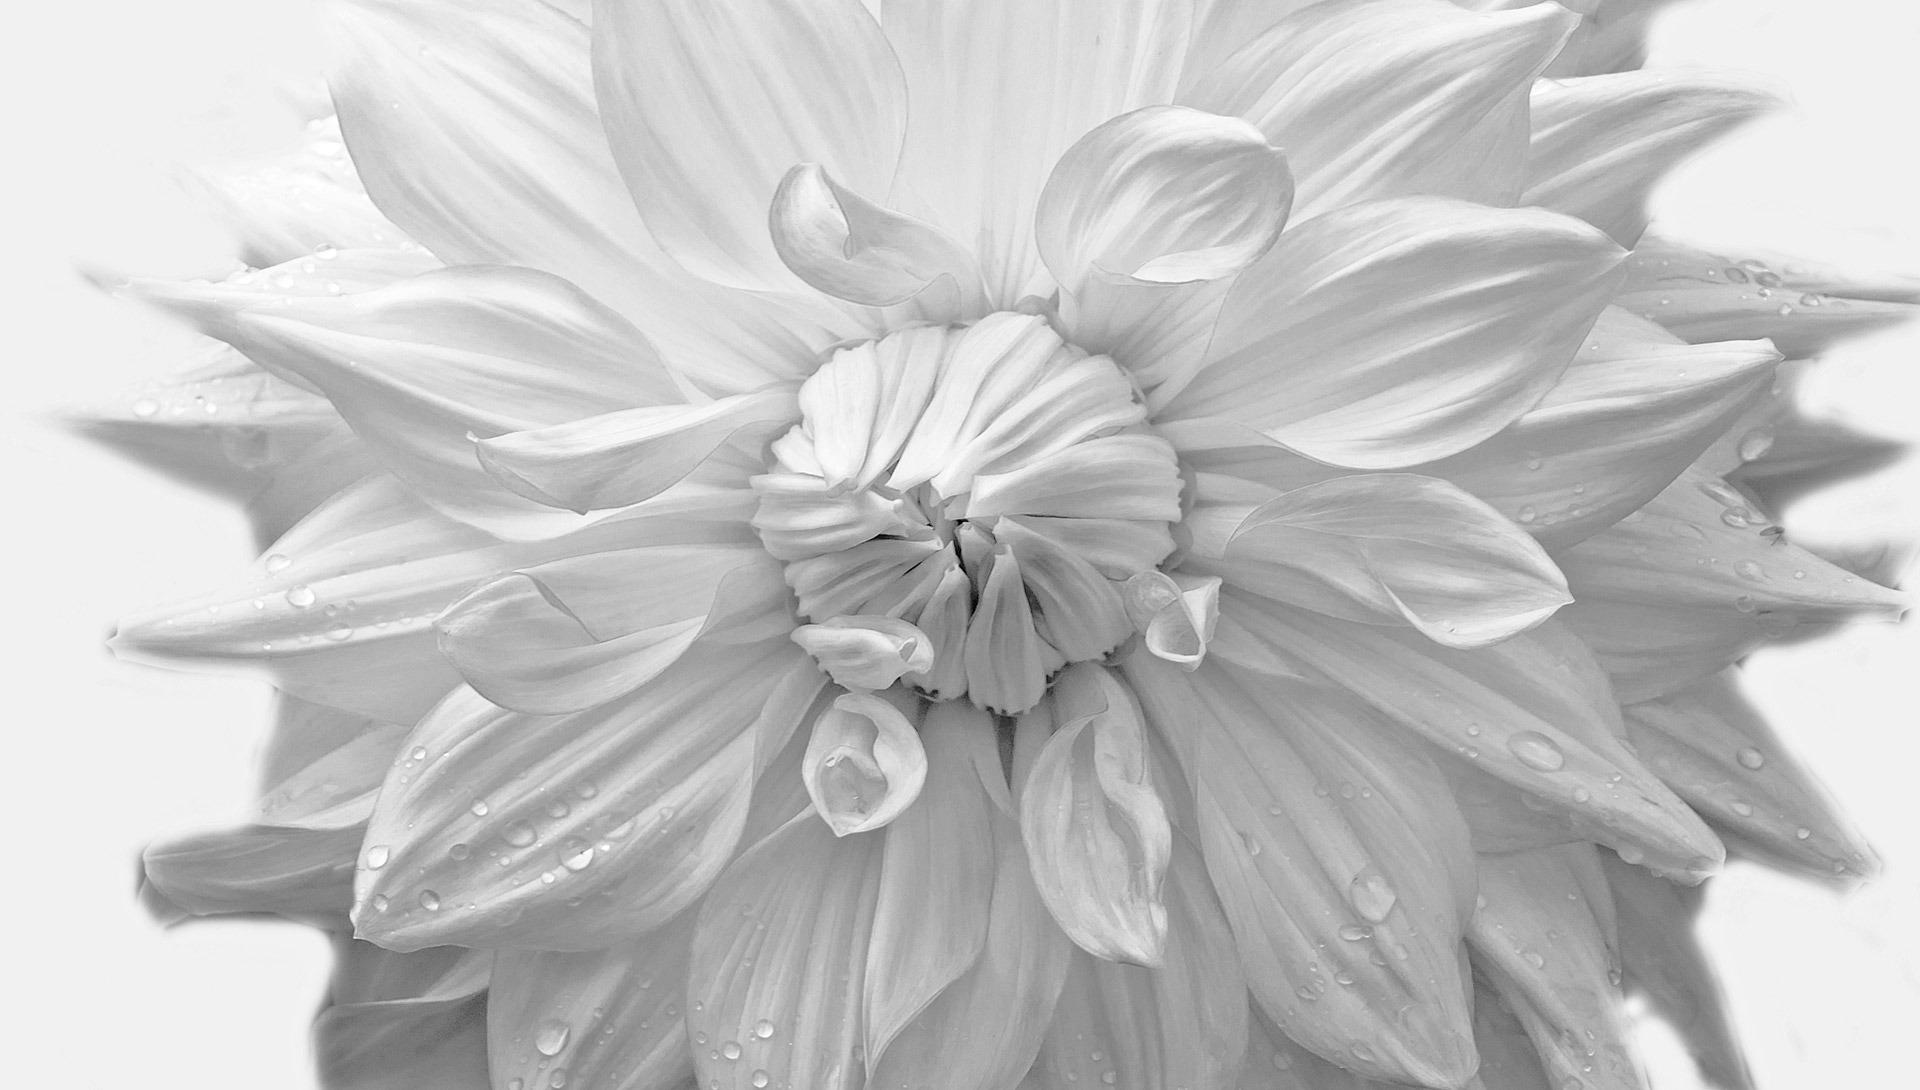 Gambar Alam Sayap Hitam Dan Putih Menanam Daun Bunga Musim